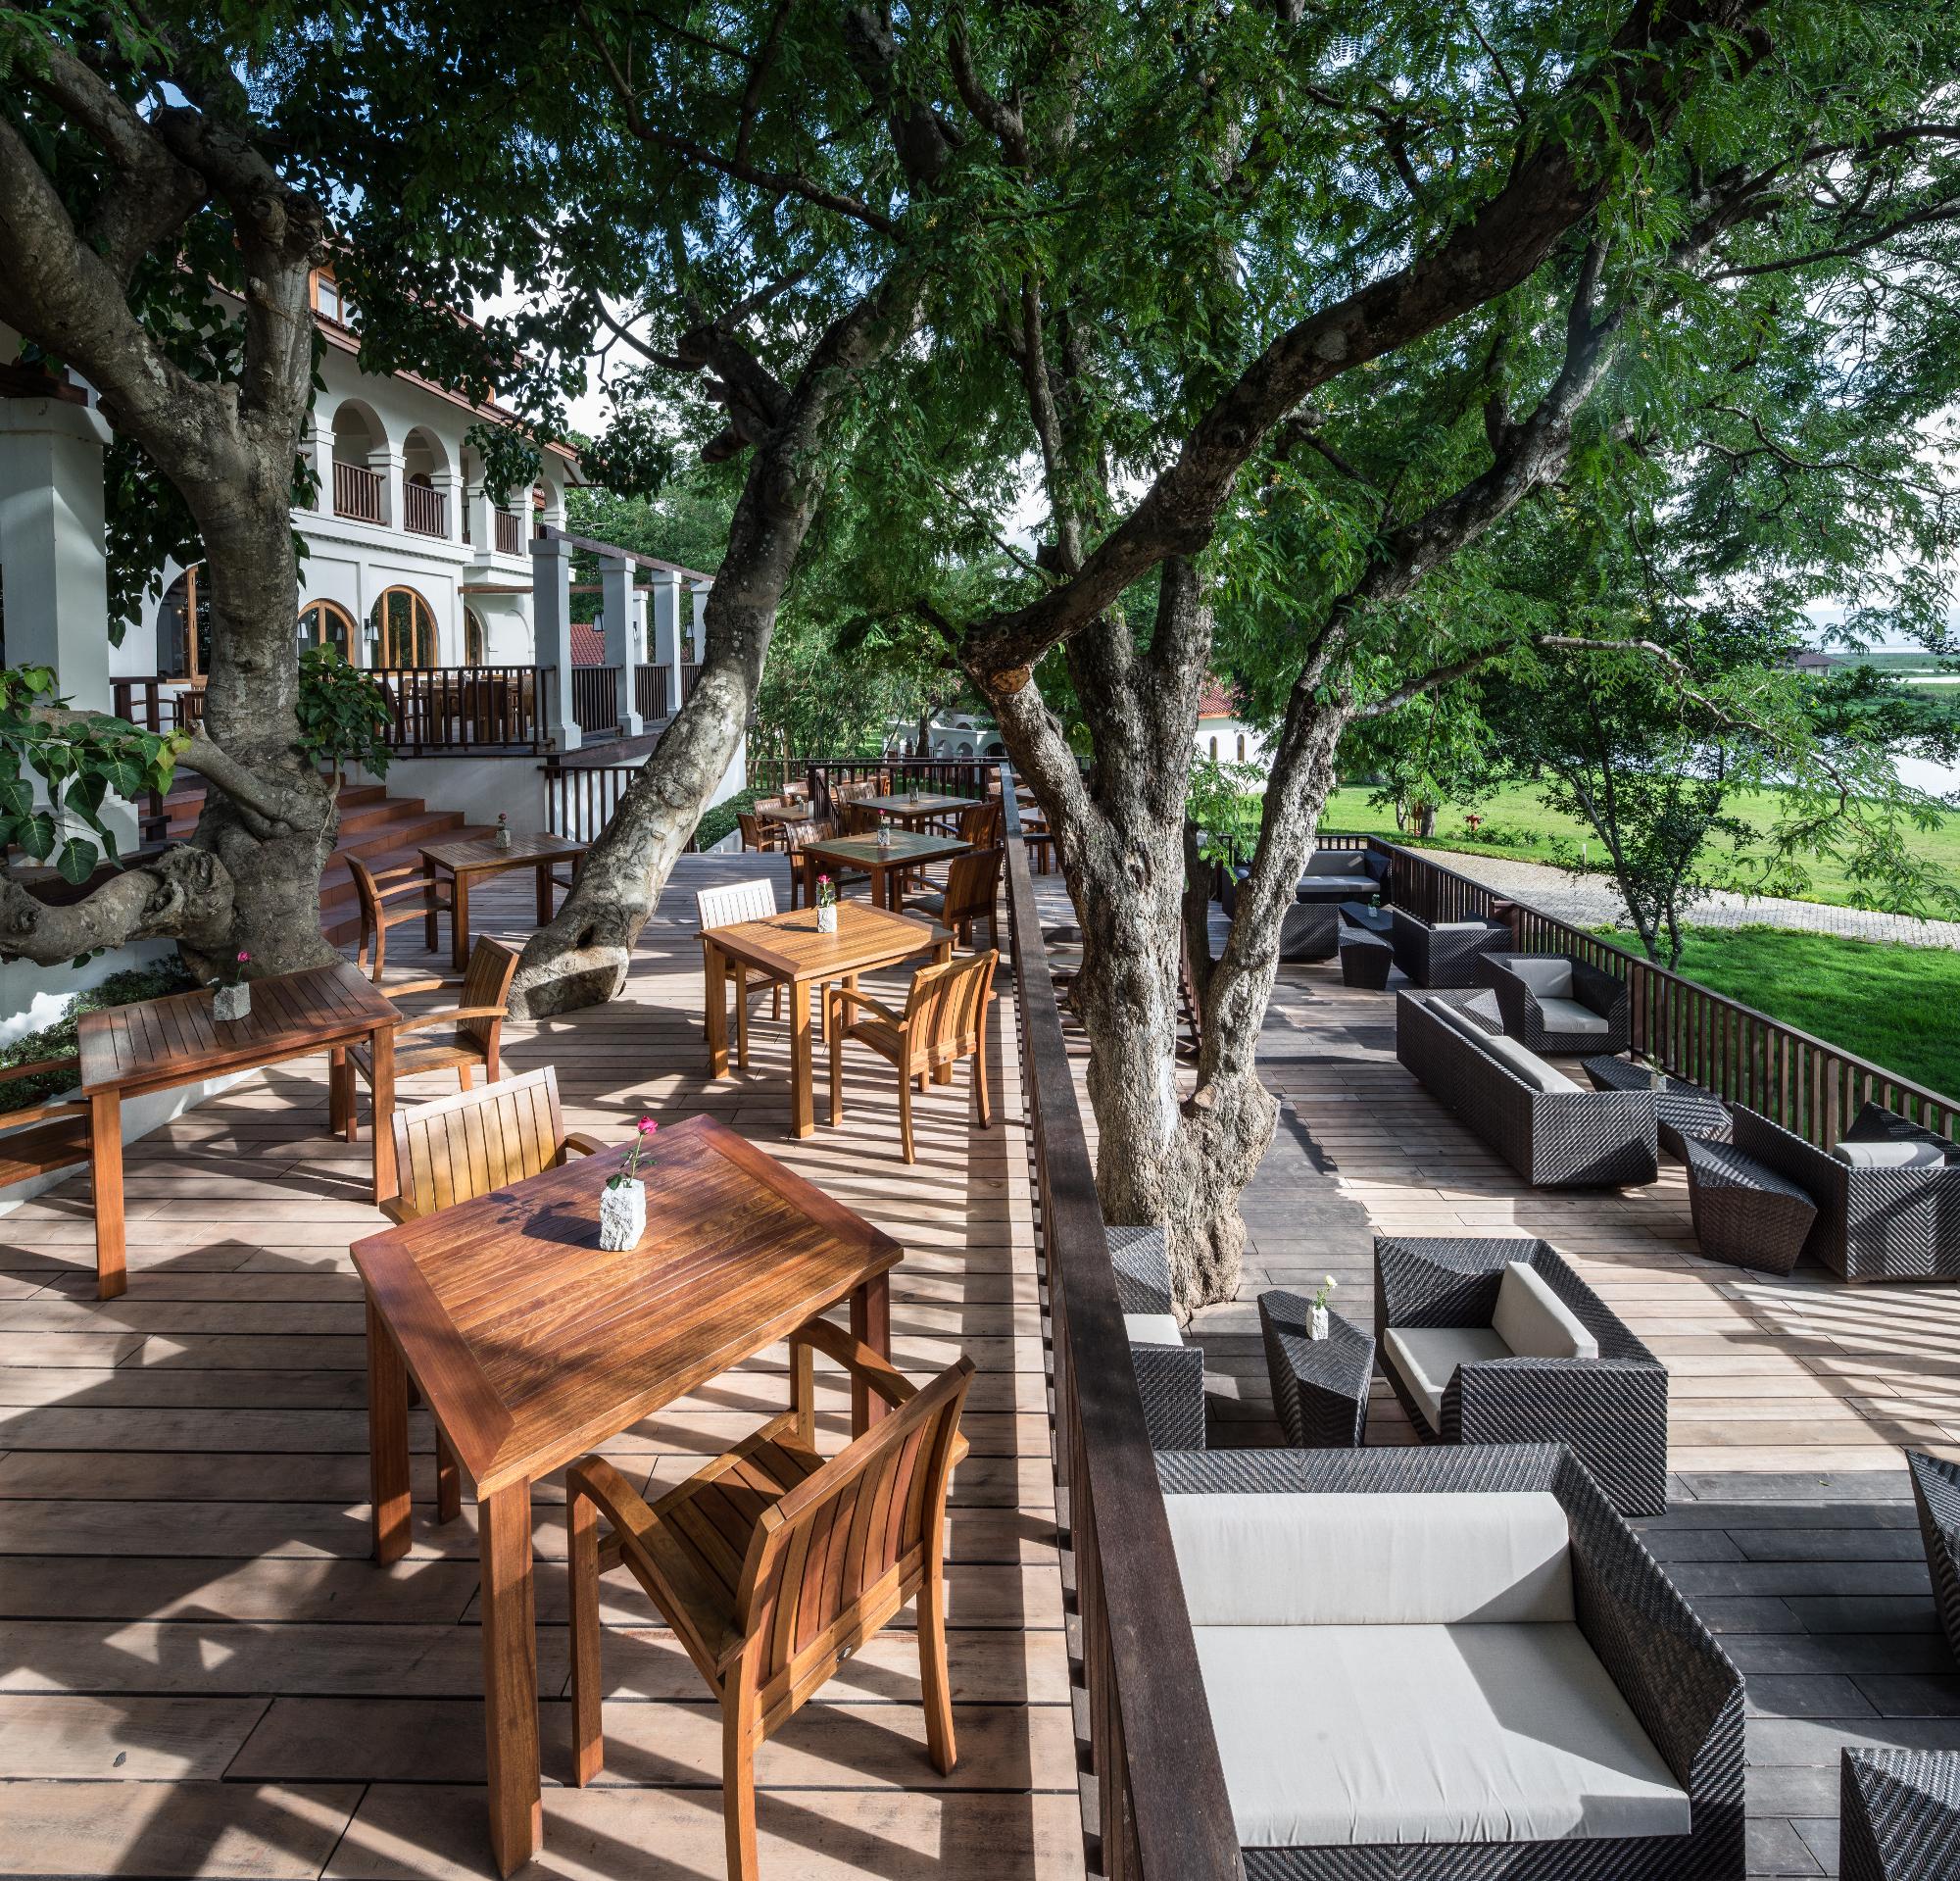 sanctum-terrace-8